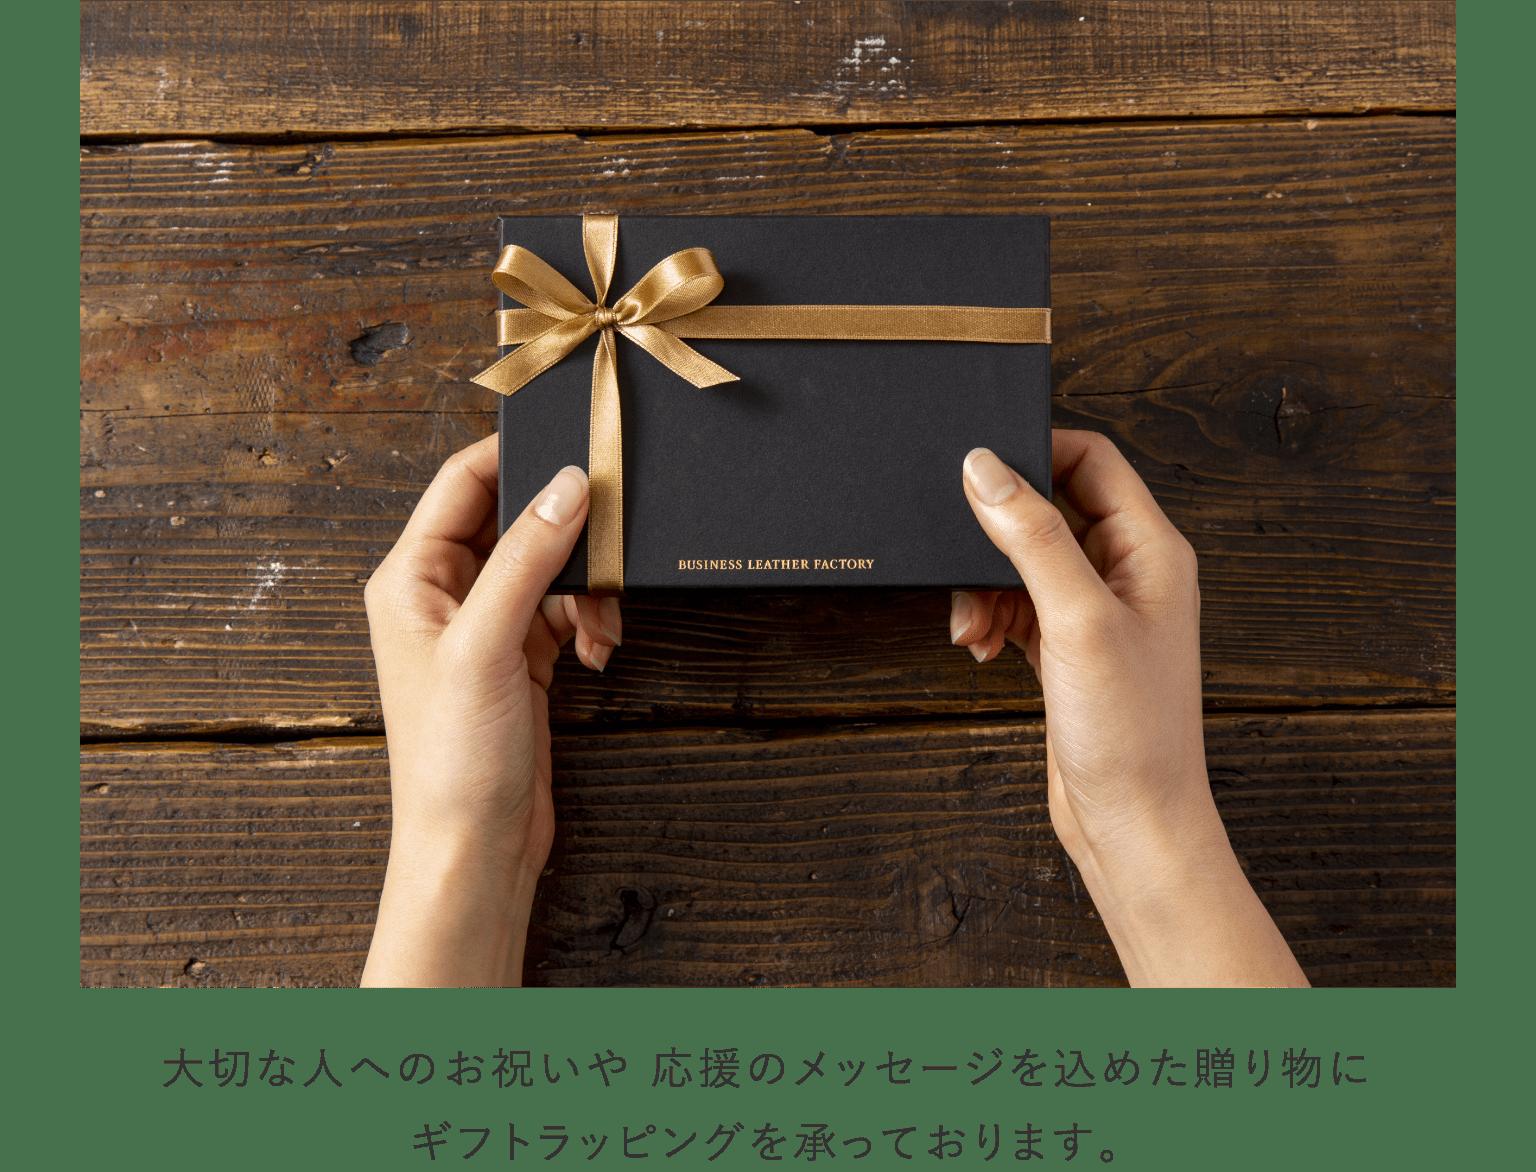 大切な人へのお祝いや応援のメッセージを込めた贈り物にギフトラッピングを承っております。